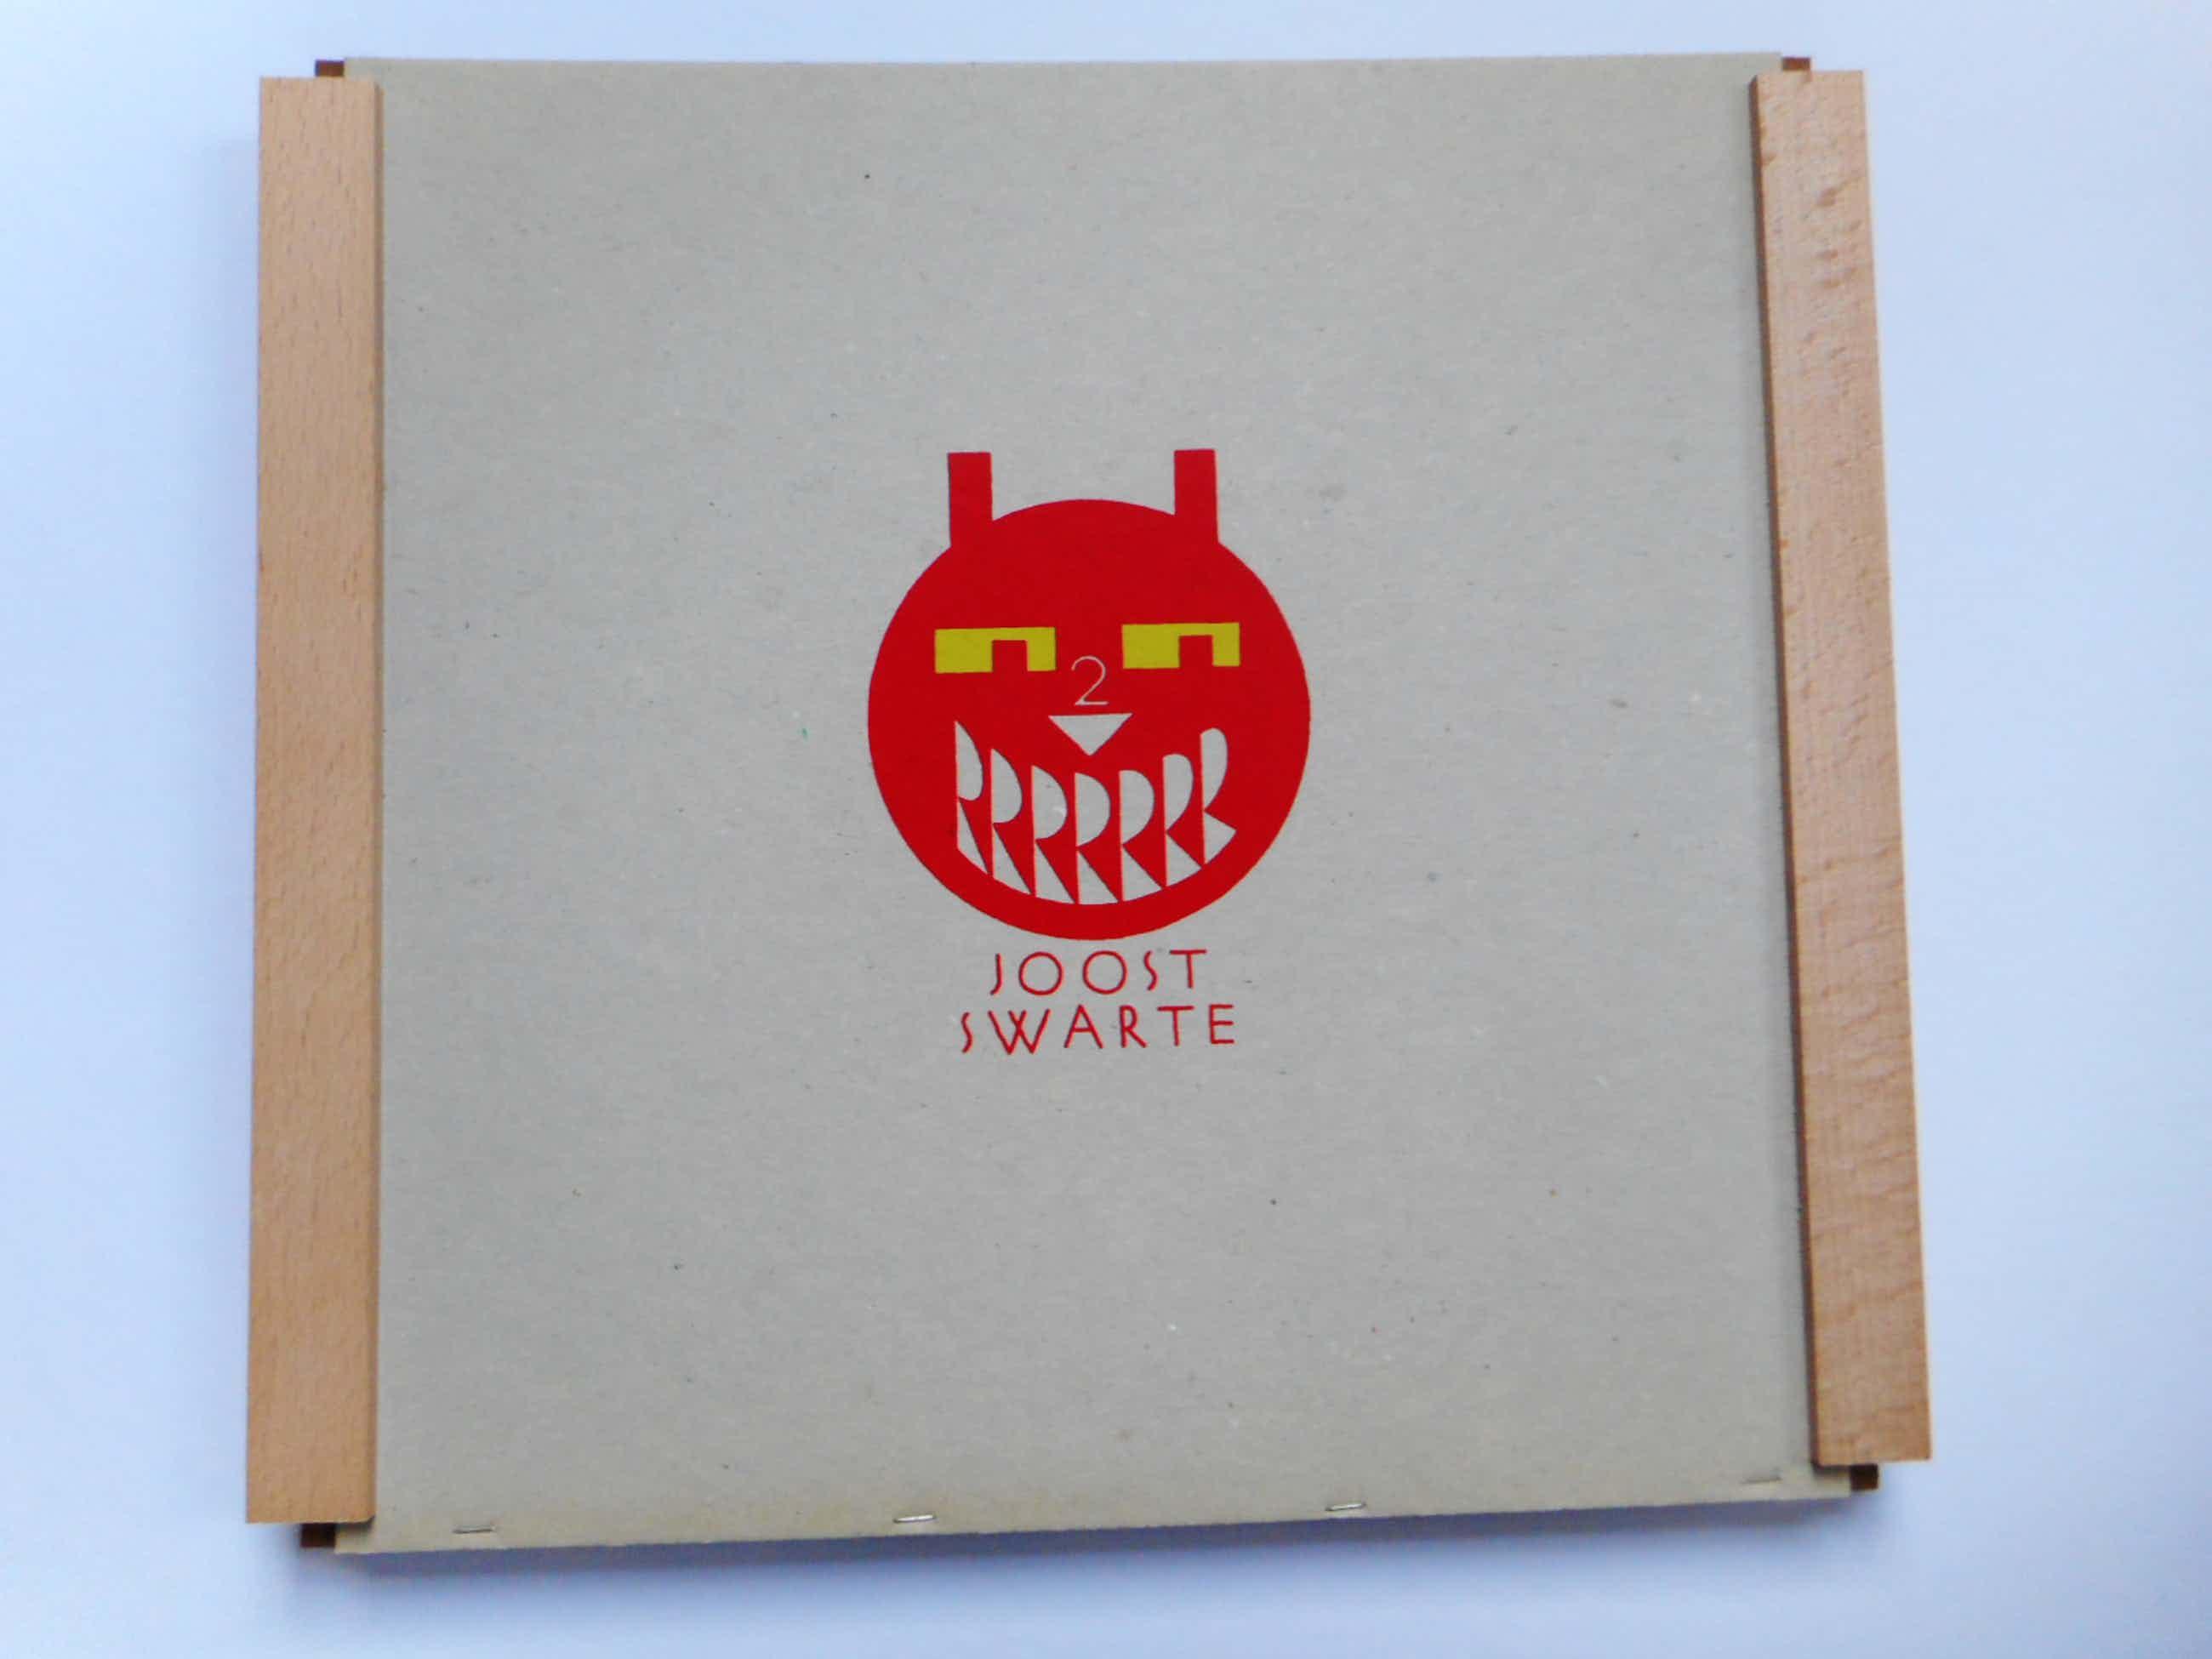 Joost Swarte - JOOST SWARTE 2 kopen? Bied vanaf 40!